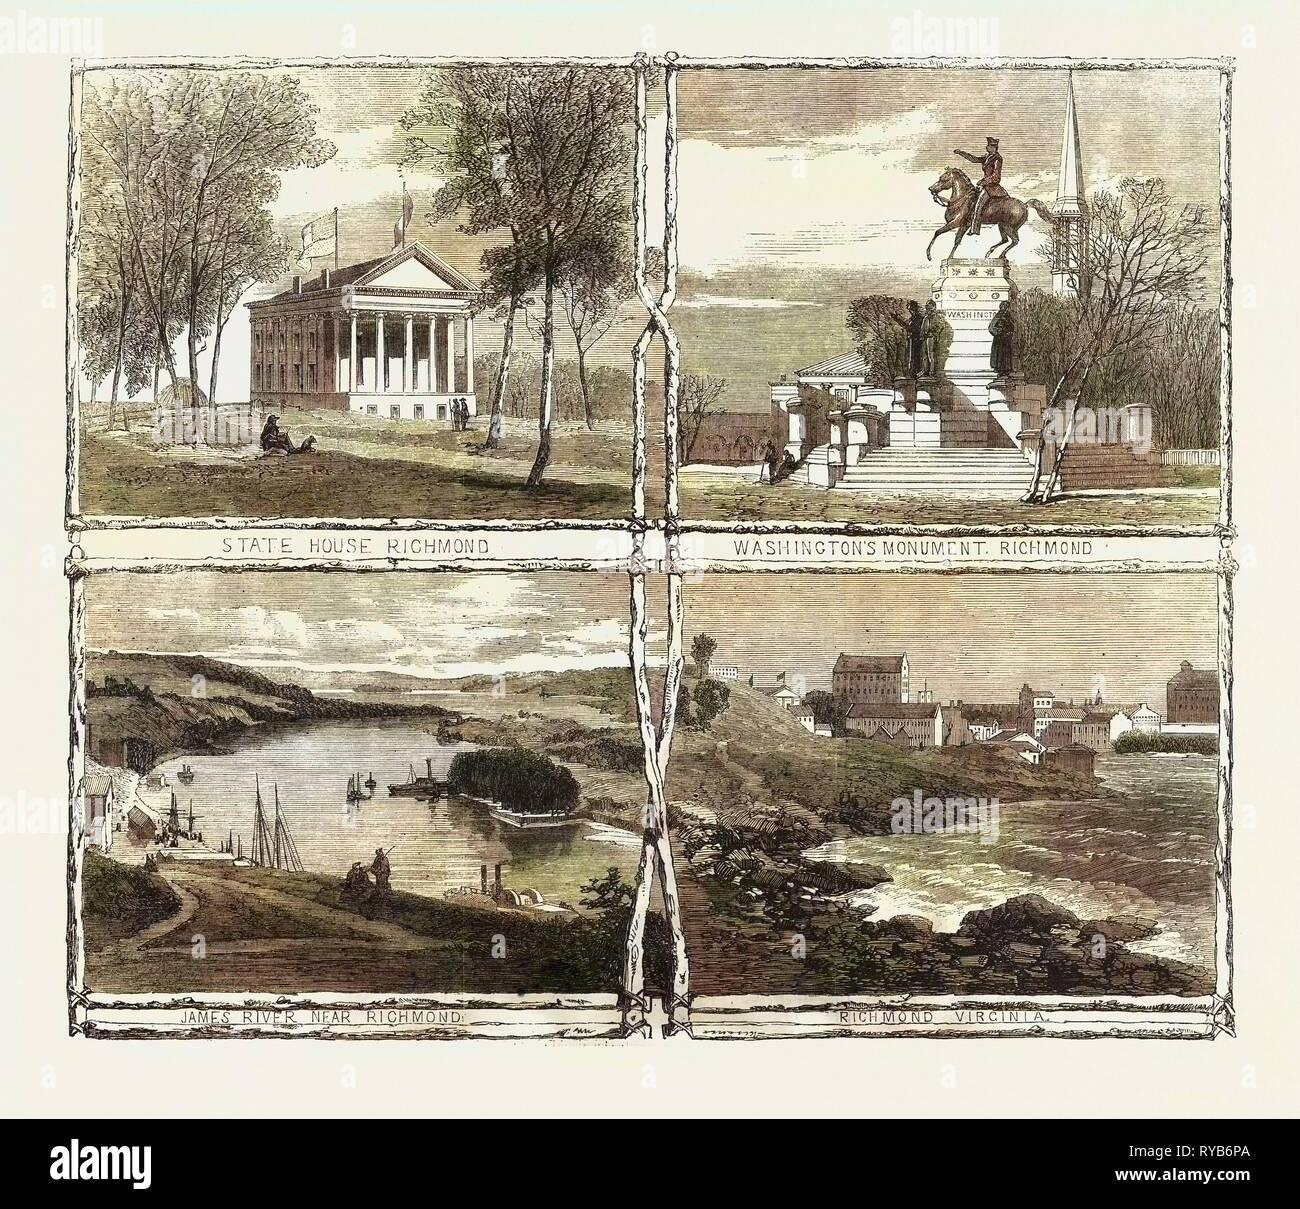 La guerra civil en Estados Unidos: Bocetos de Richmond, Virginia, la capital de los Estados Confederados de América, 1861 Foto de stock